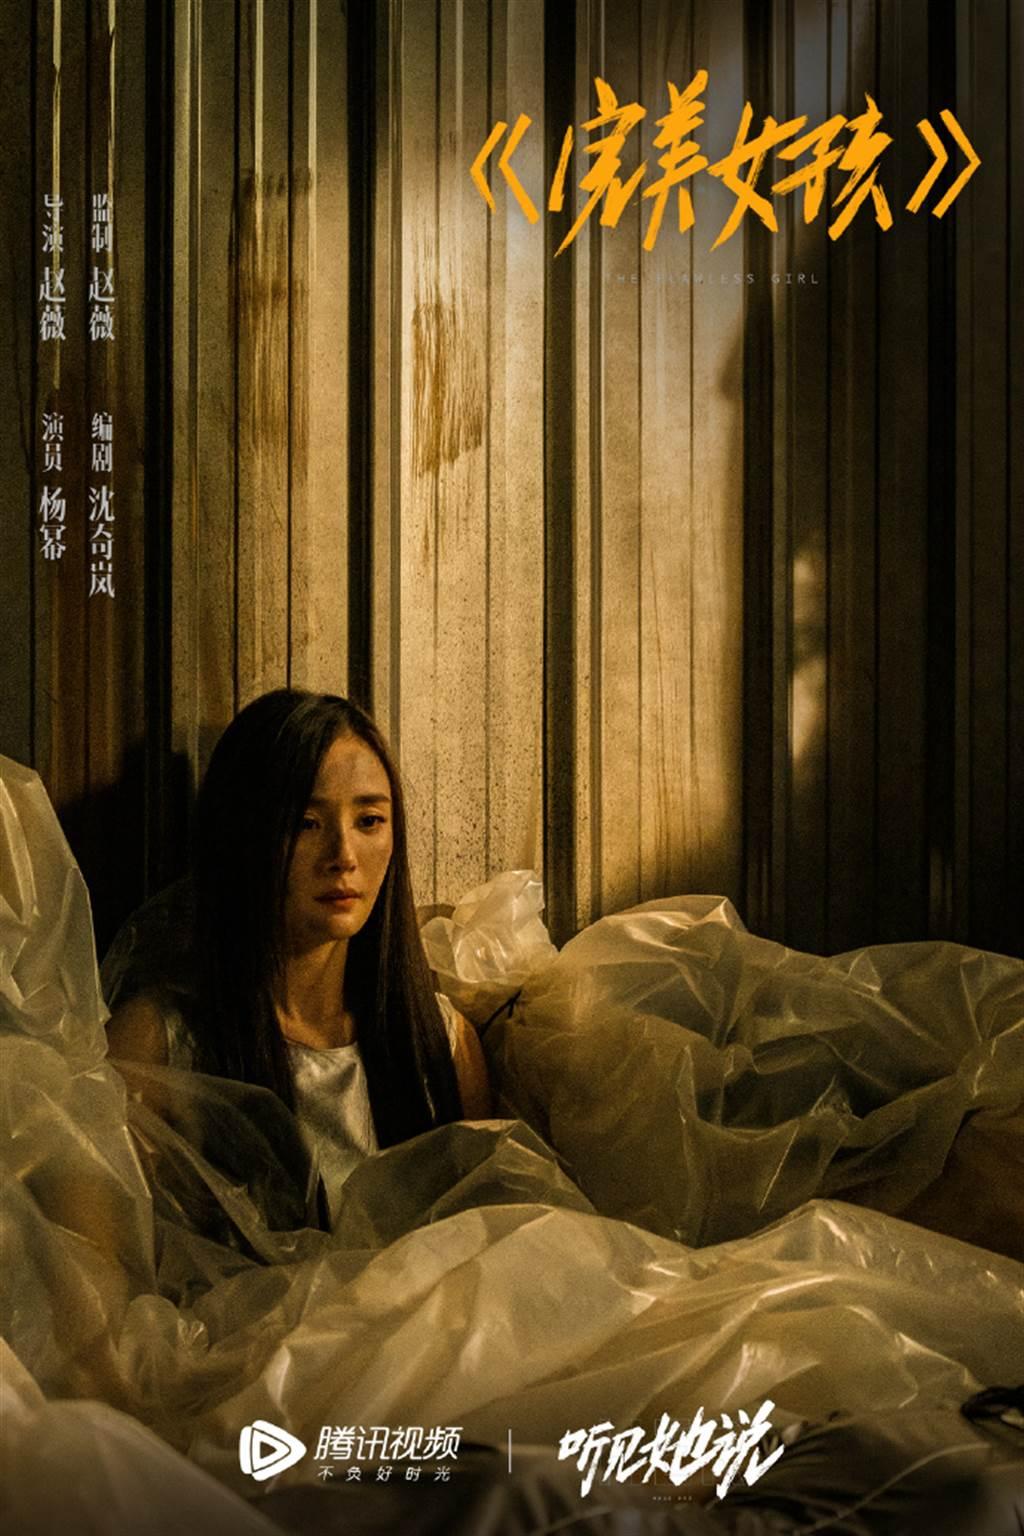 杨幂演出的电视剧《完美女孩》剧照曝光。(图/取材自腾讯视频听见她说微博)